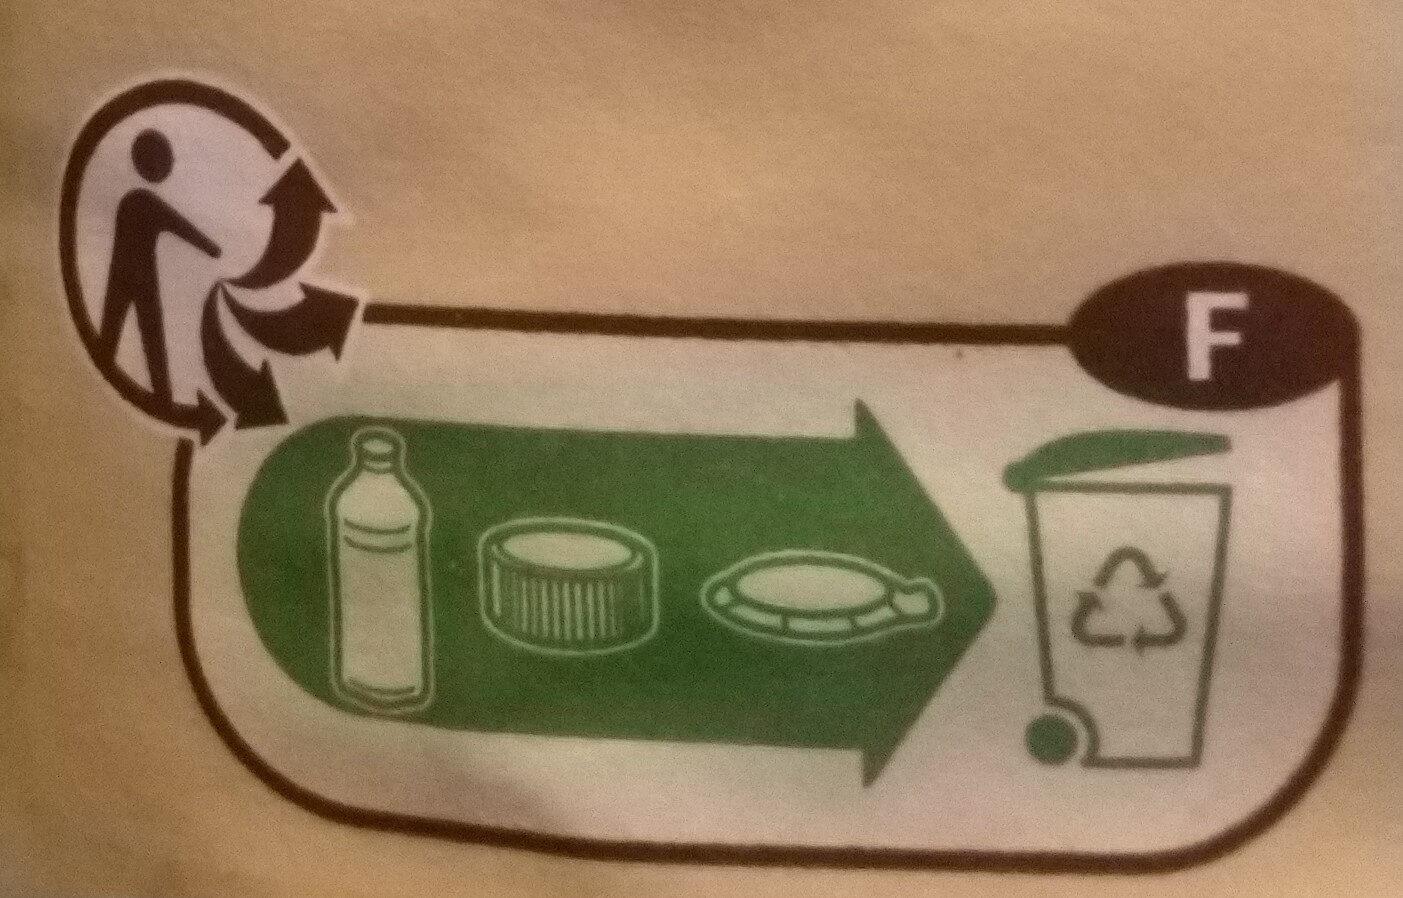 Lait demi-écrémé UHT - Istruzioni per il riciclaggio e/o informazioni sull'imballaggio - fr